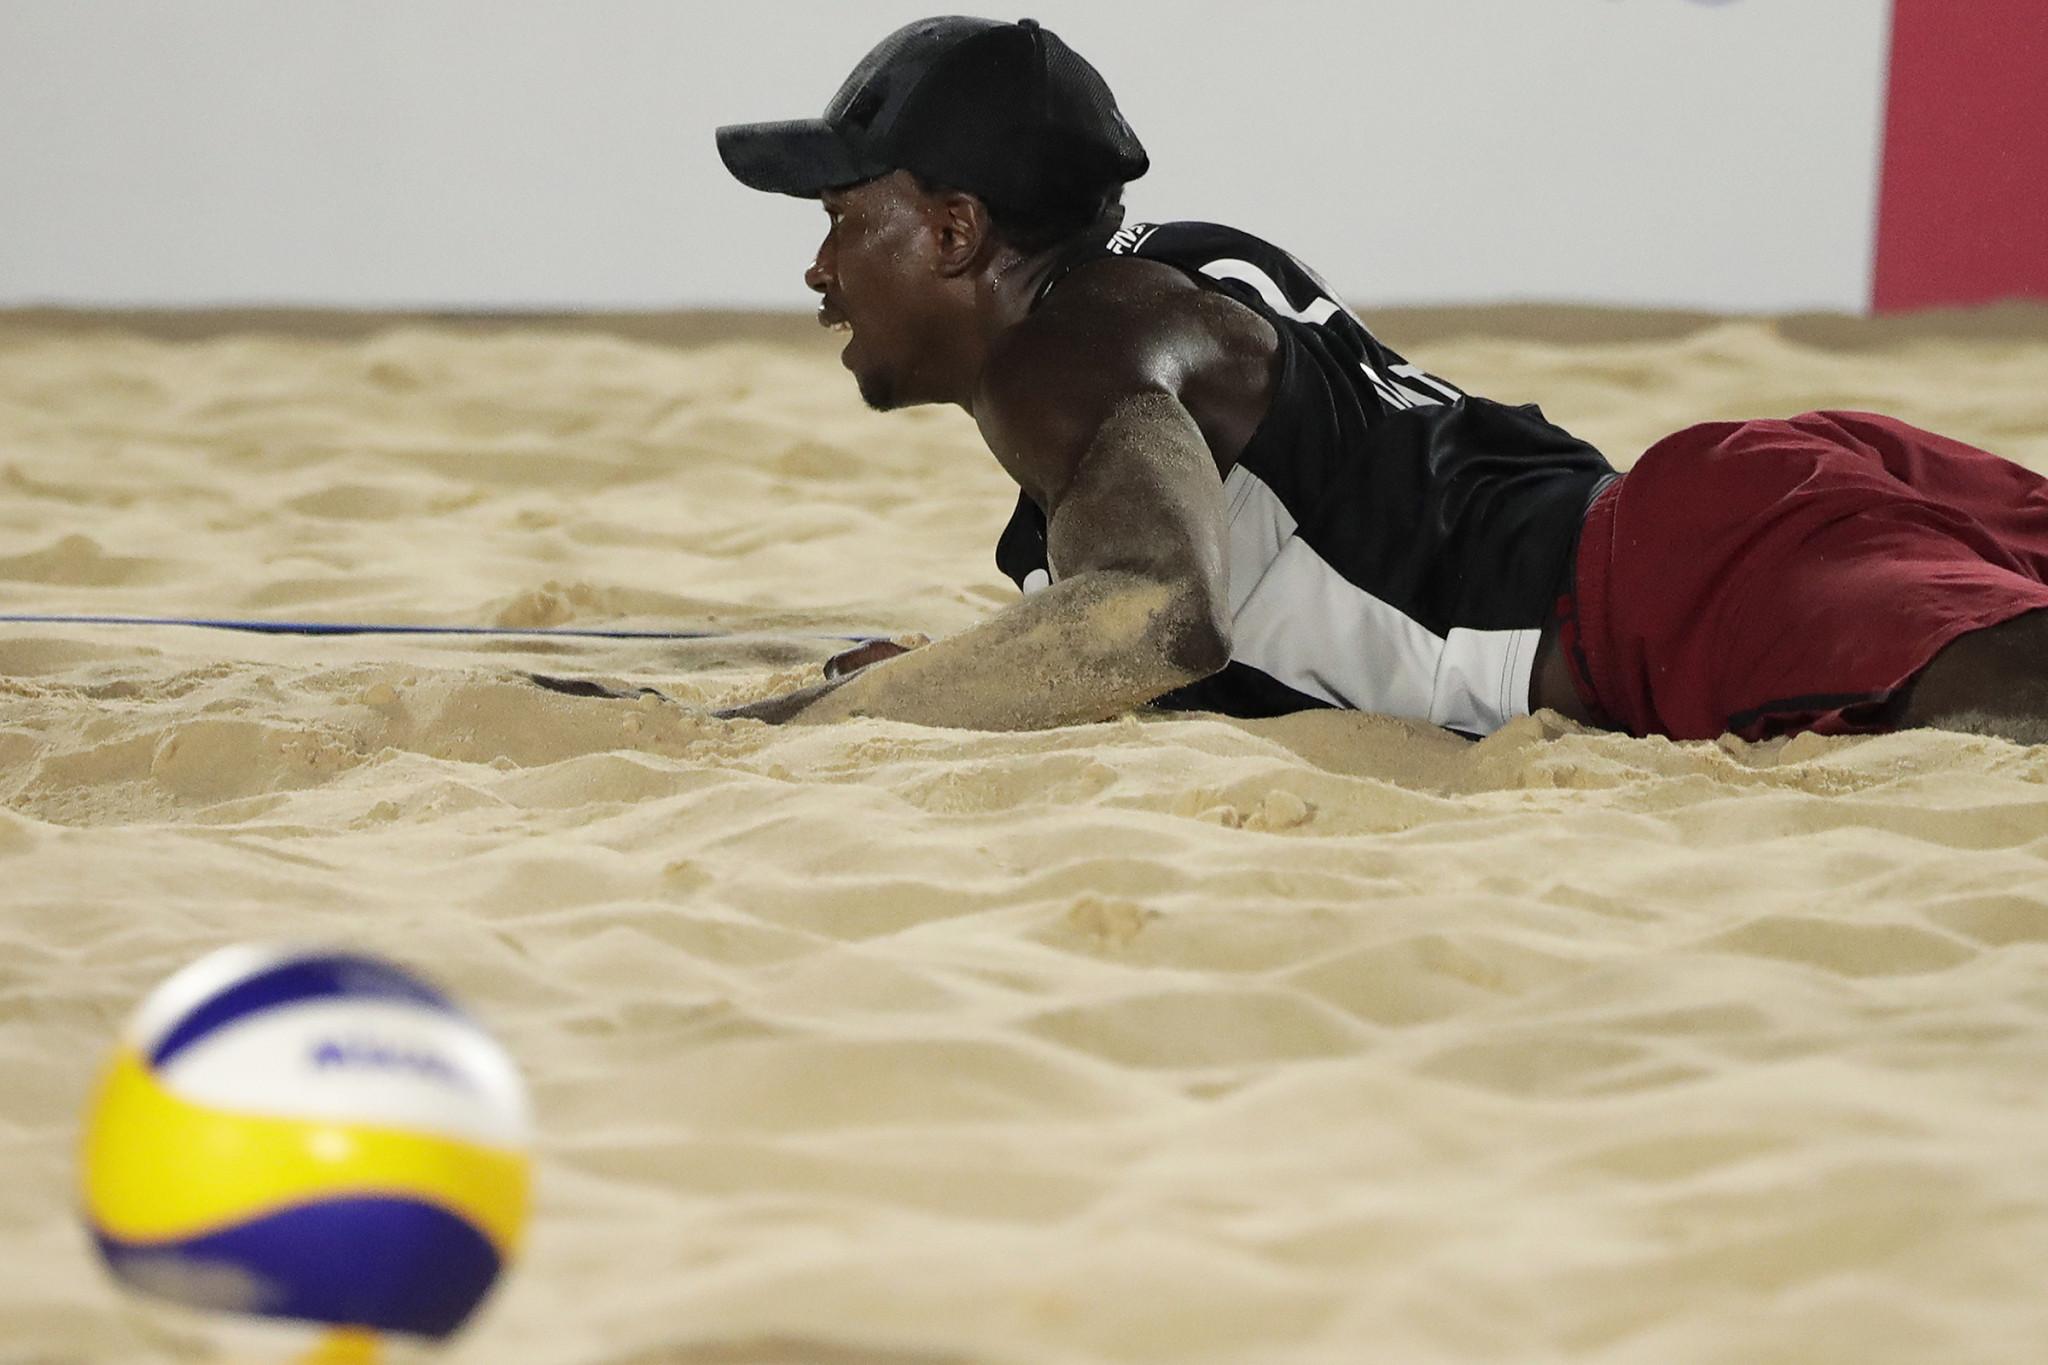 Qatari pair reach third successive Beach Volleyball World Tour final in Cancun